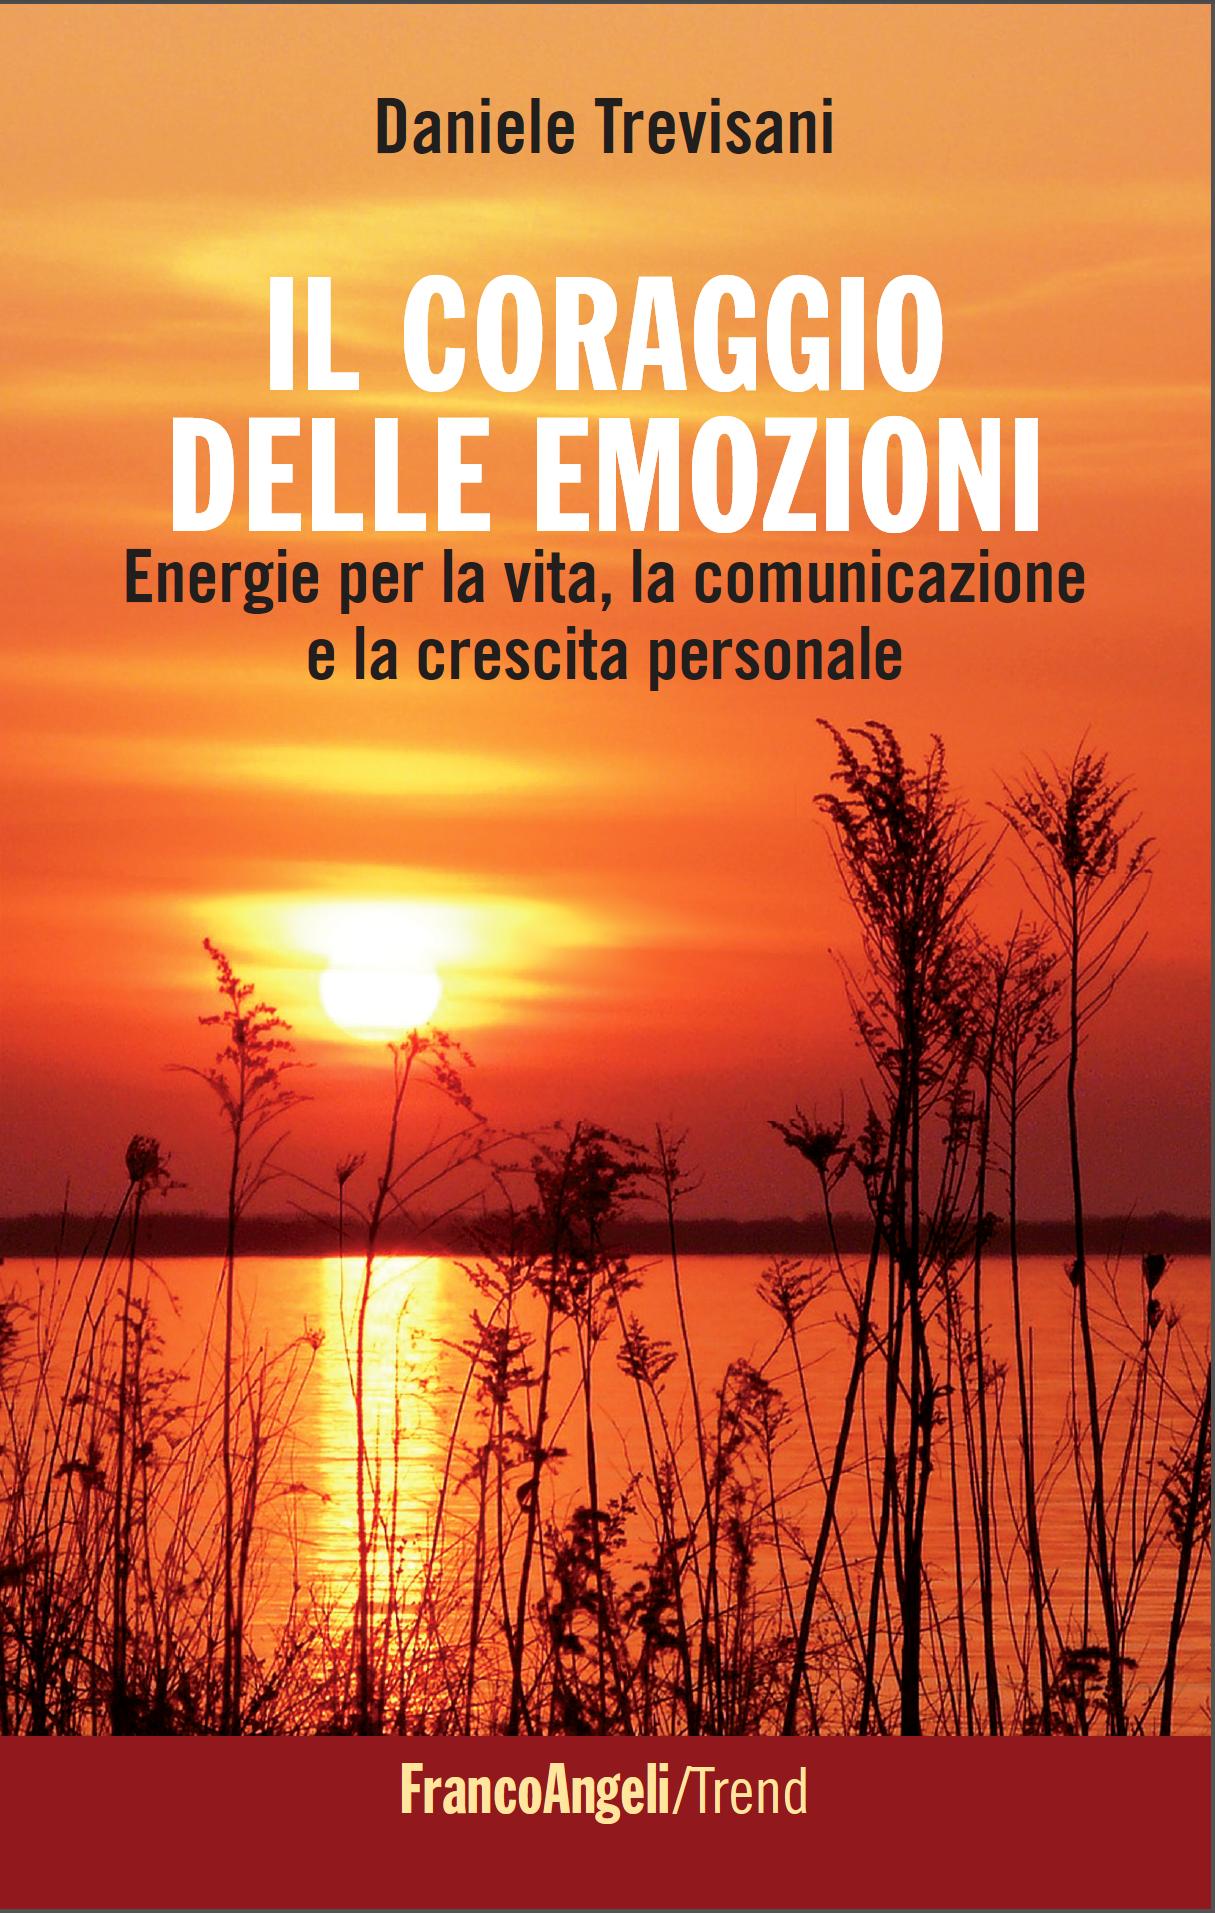 Copertina Libro Il Coraggio delle Emozioni (2)